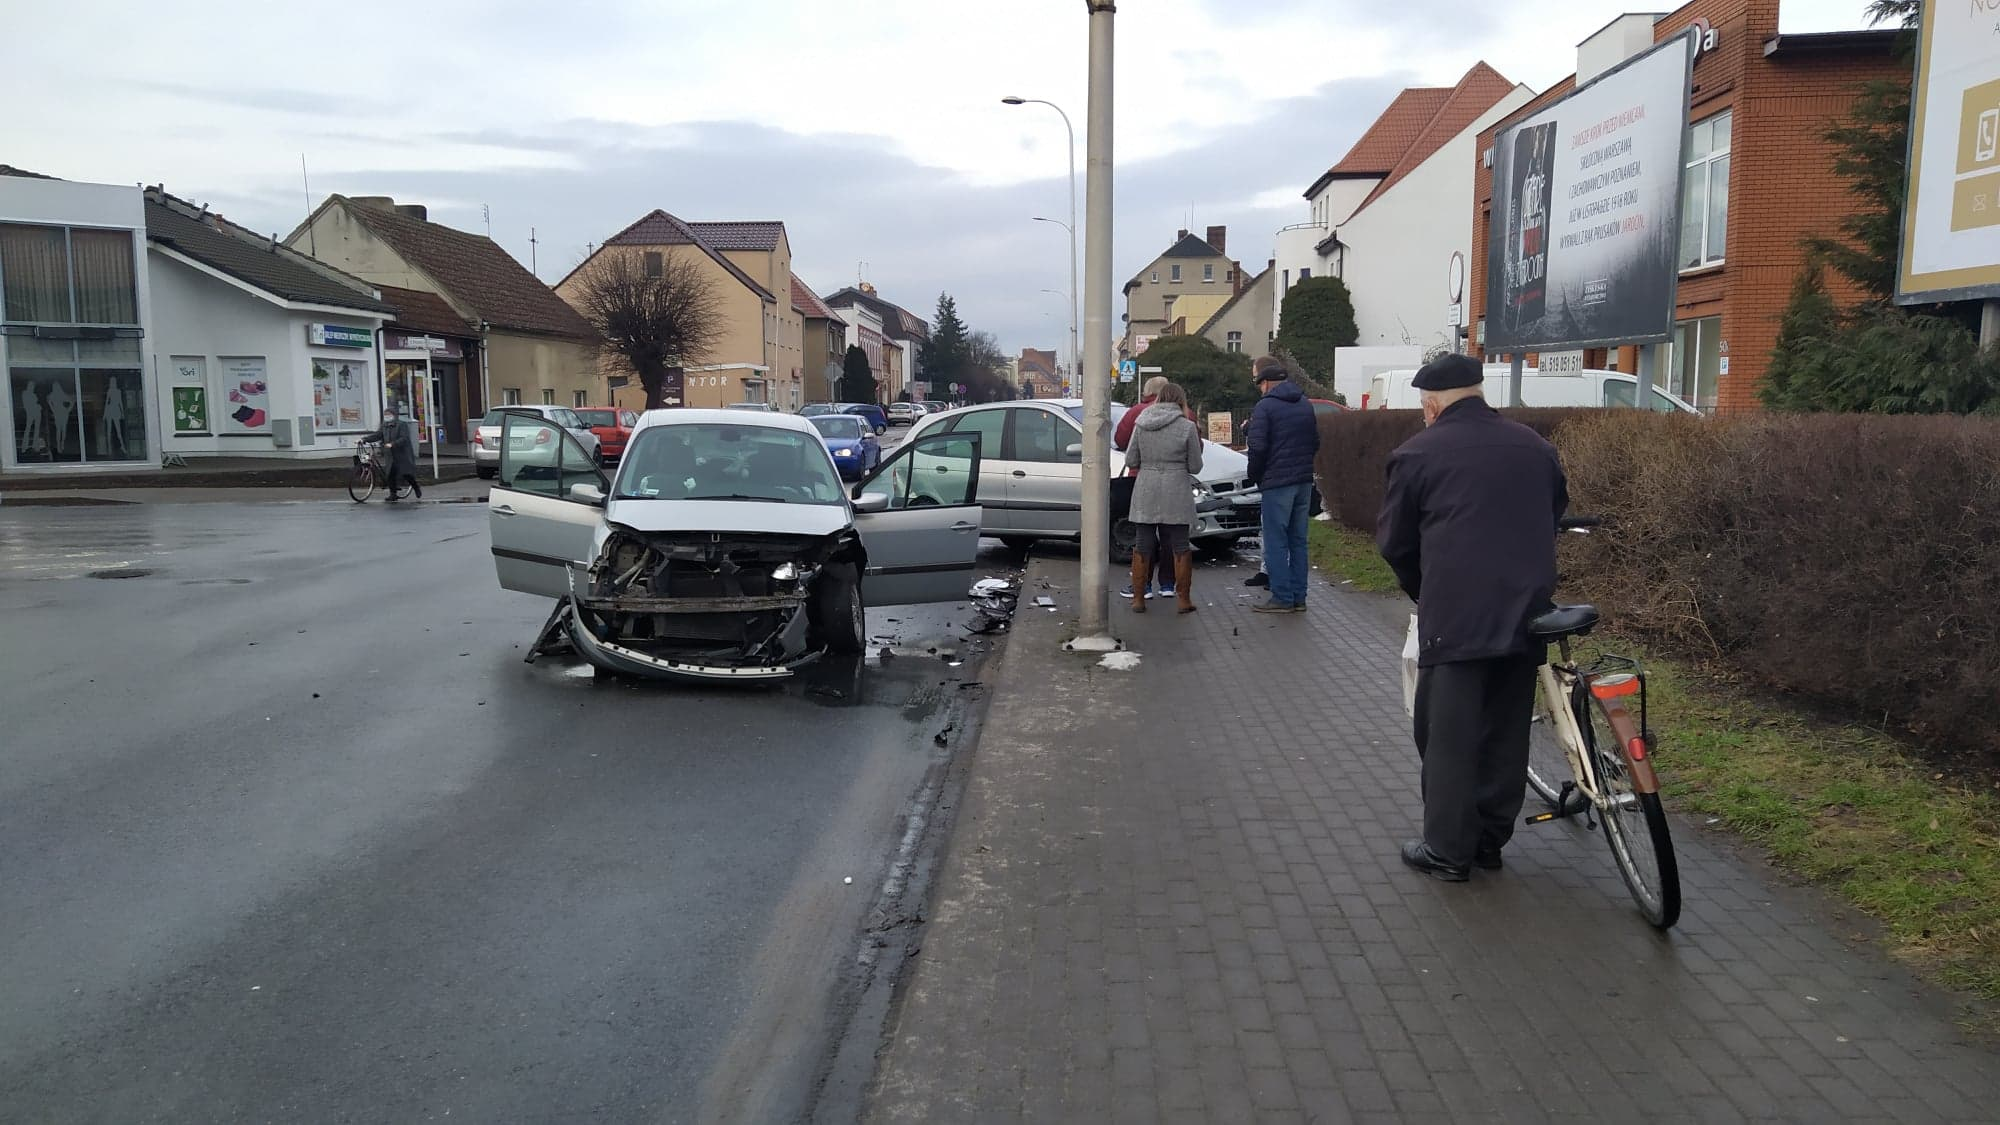 Renault wjechało na chodnik. Sekundę temu przechodziła tam kobieta - Zdjęcie główne